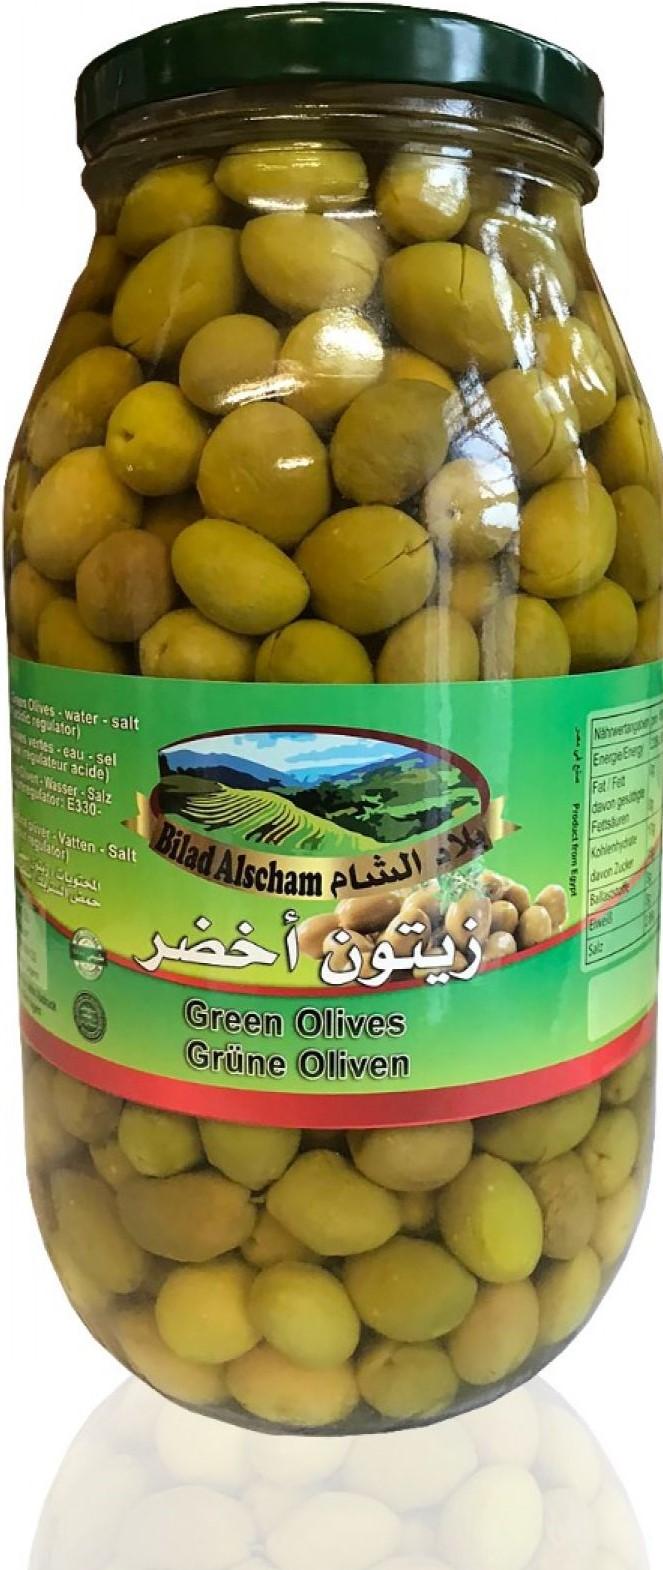 Bilad Alscham Grüne Oliven 2750g  زيتون اخضر بلاد الشام